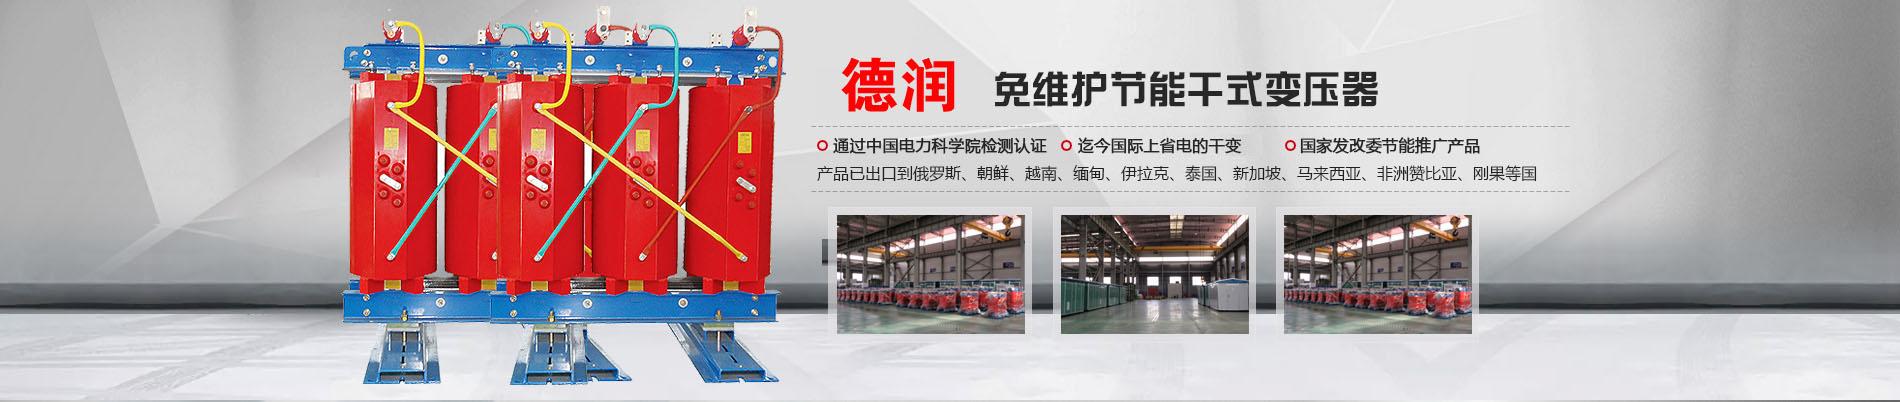 七台河干式变压器厂家